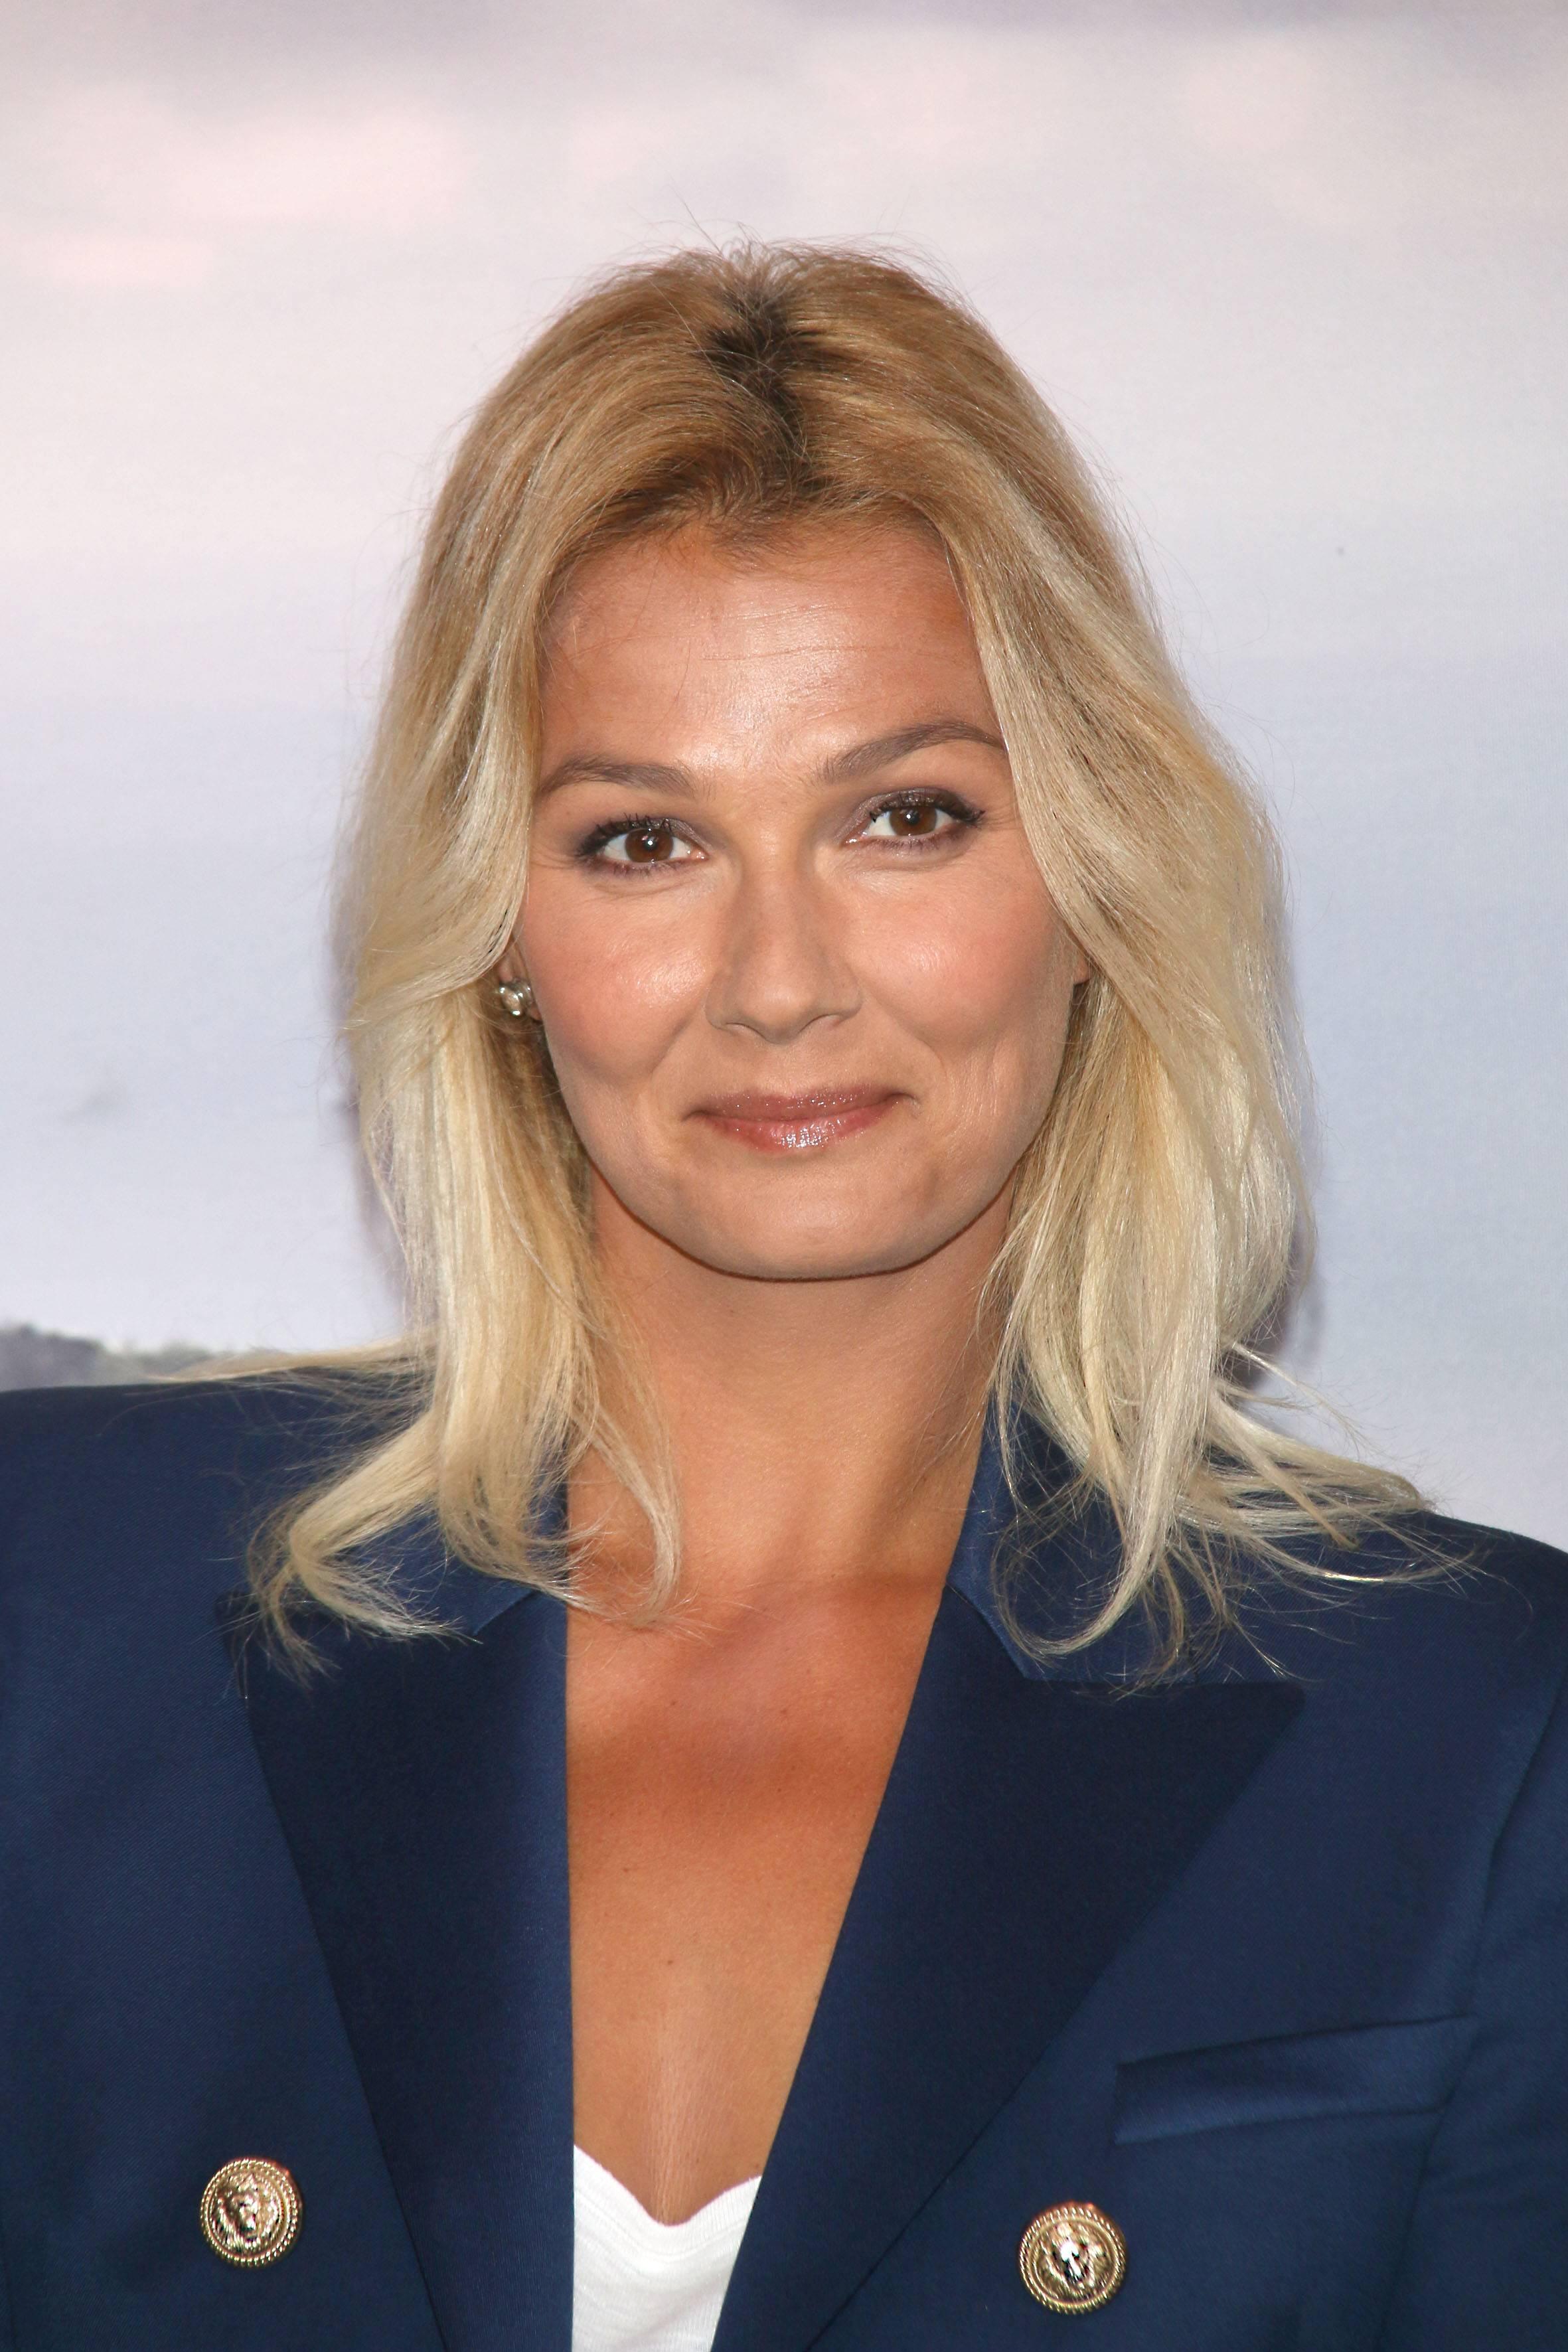 Franziska Van Alm